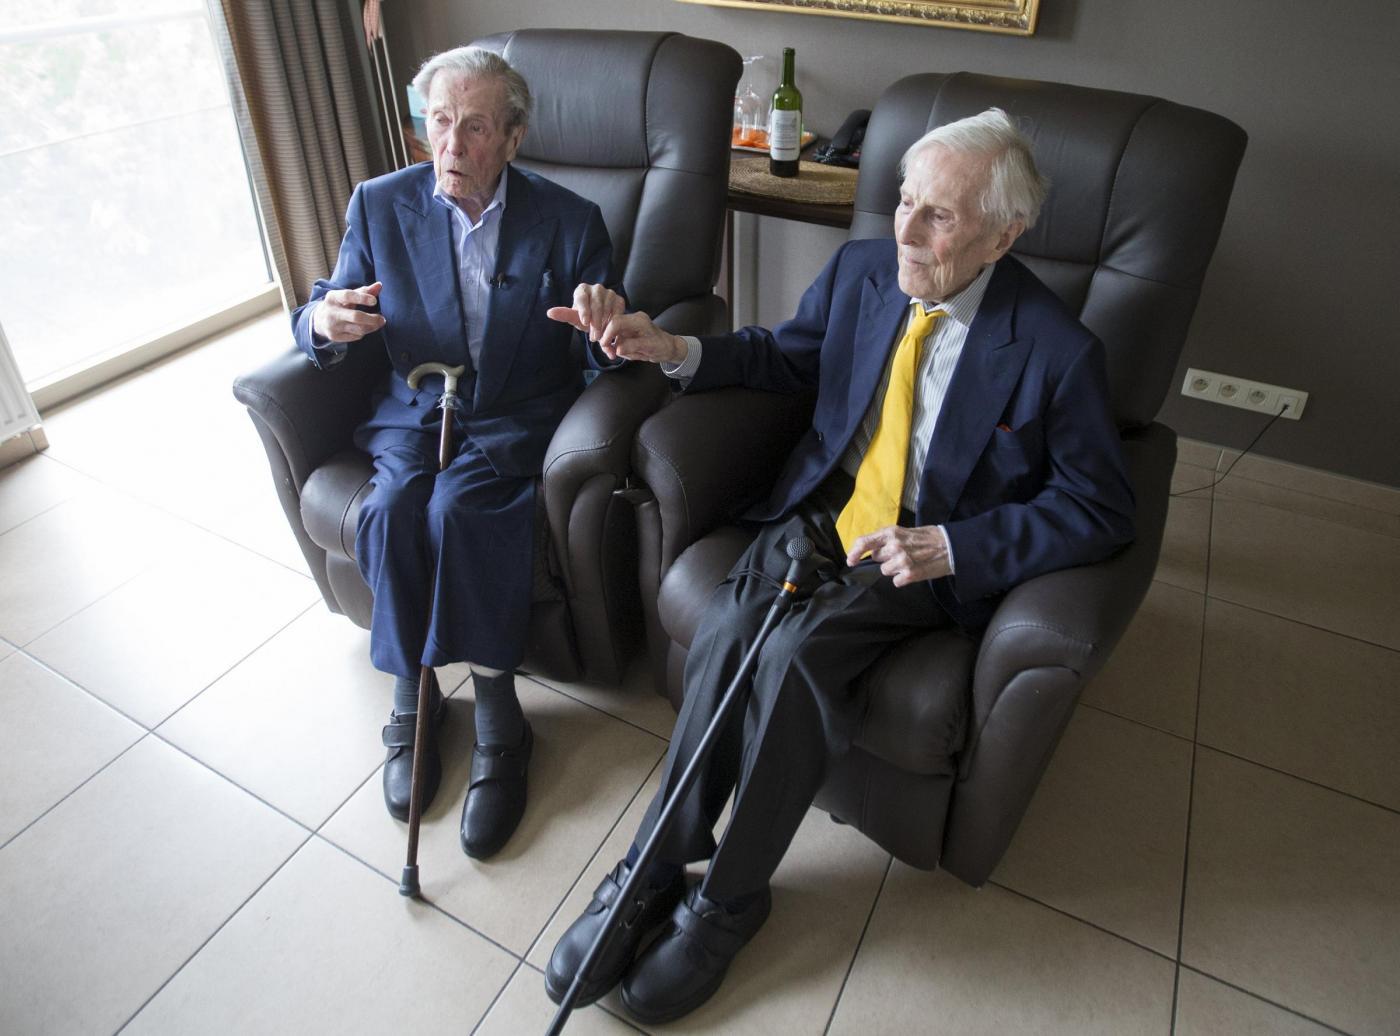 """Gemelli più vecchi del mondo a 102 anni. """"Segreto? Bere vino""""6"""